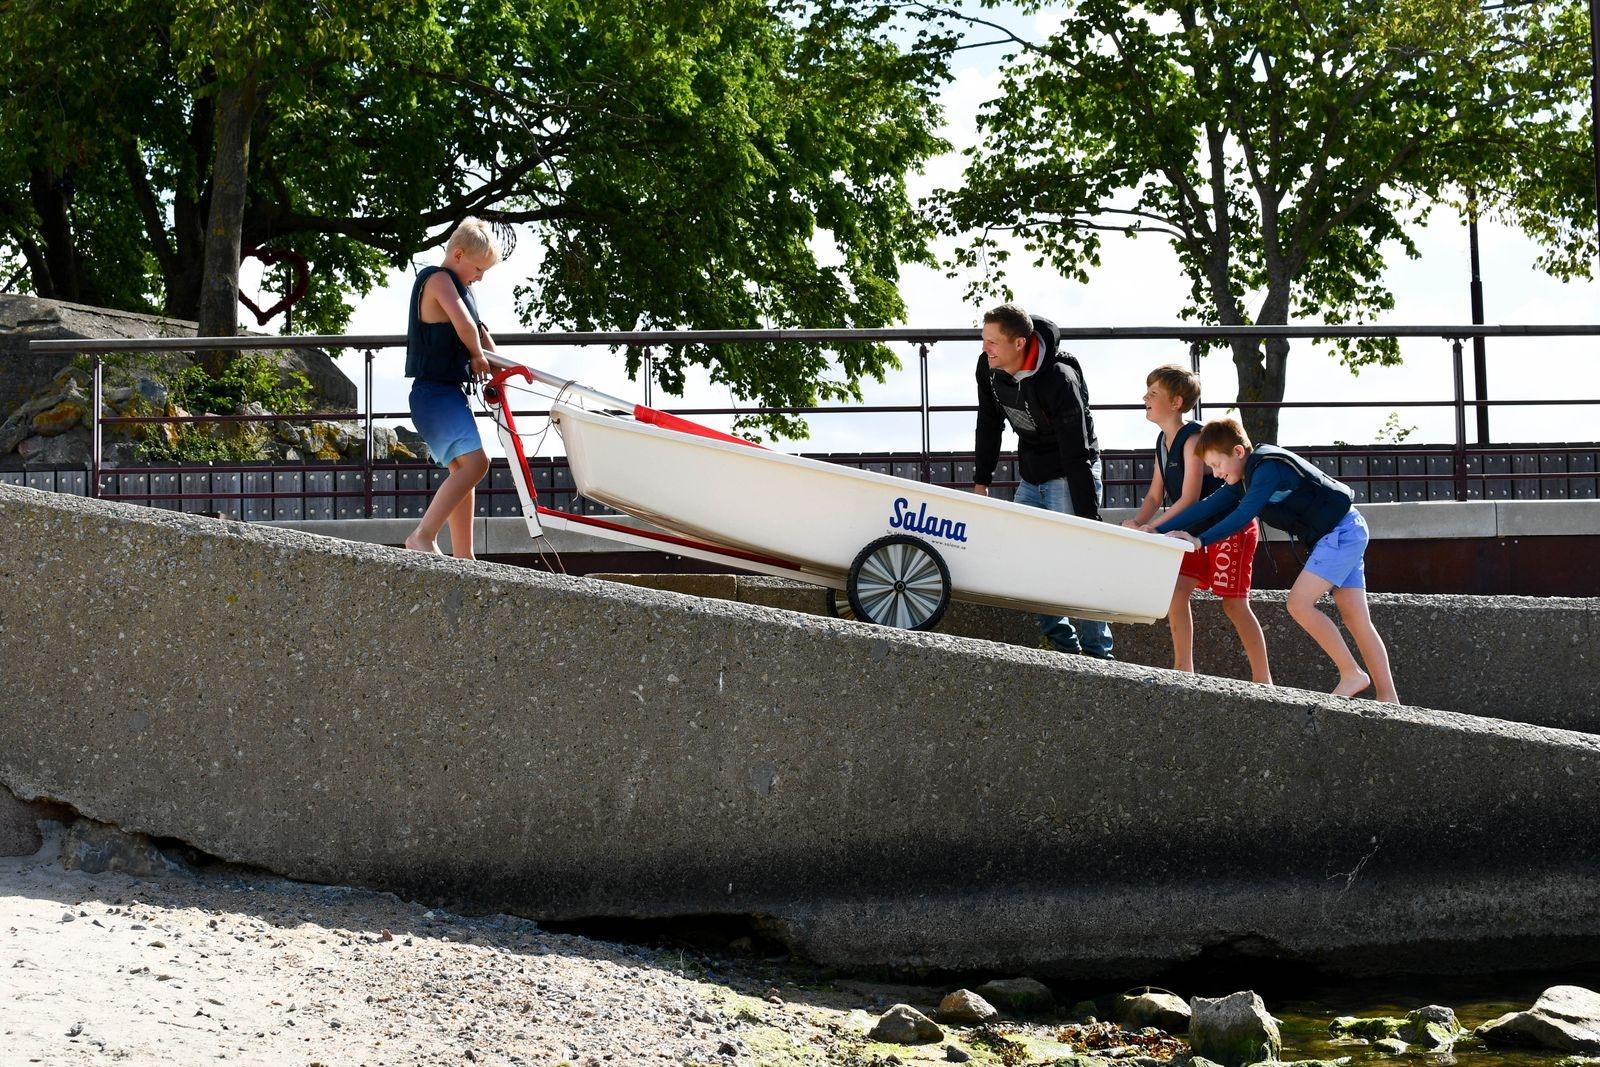 – Roligast med seglarskolan är att åka fort och att kapsejsa, säger Loke Henriksson som får hjälp av sina kompisar att ta upp jollen på land efter ett blåsigt pass.